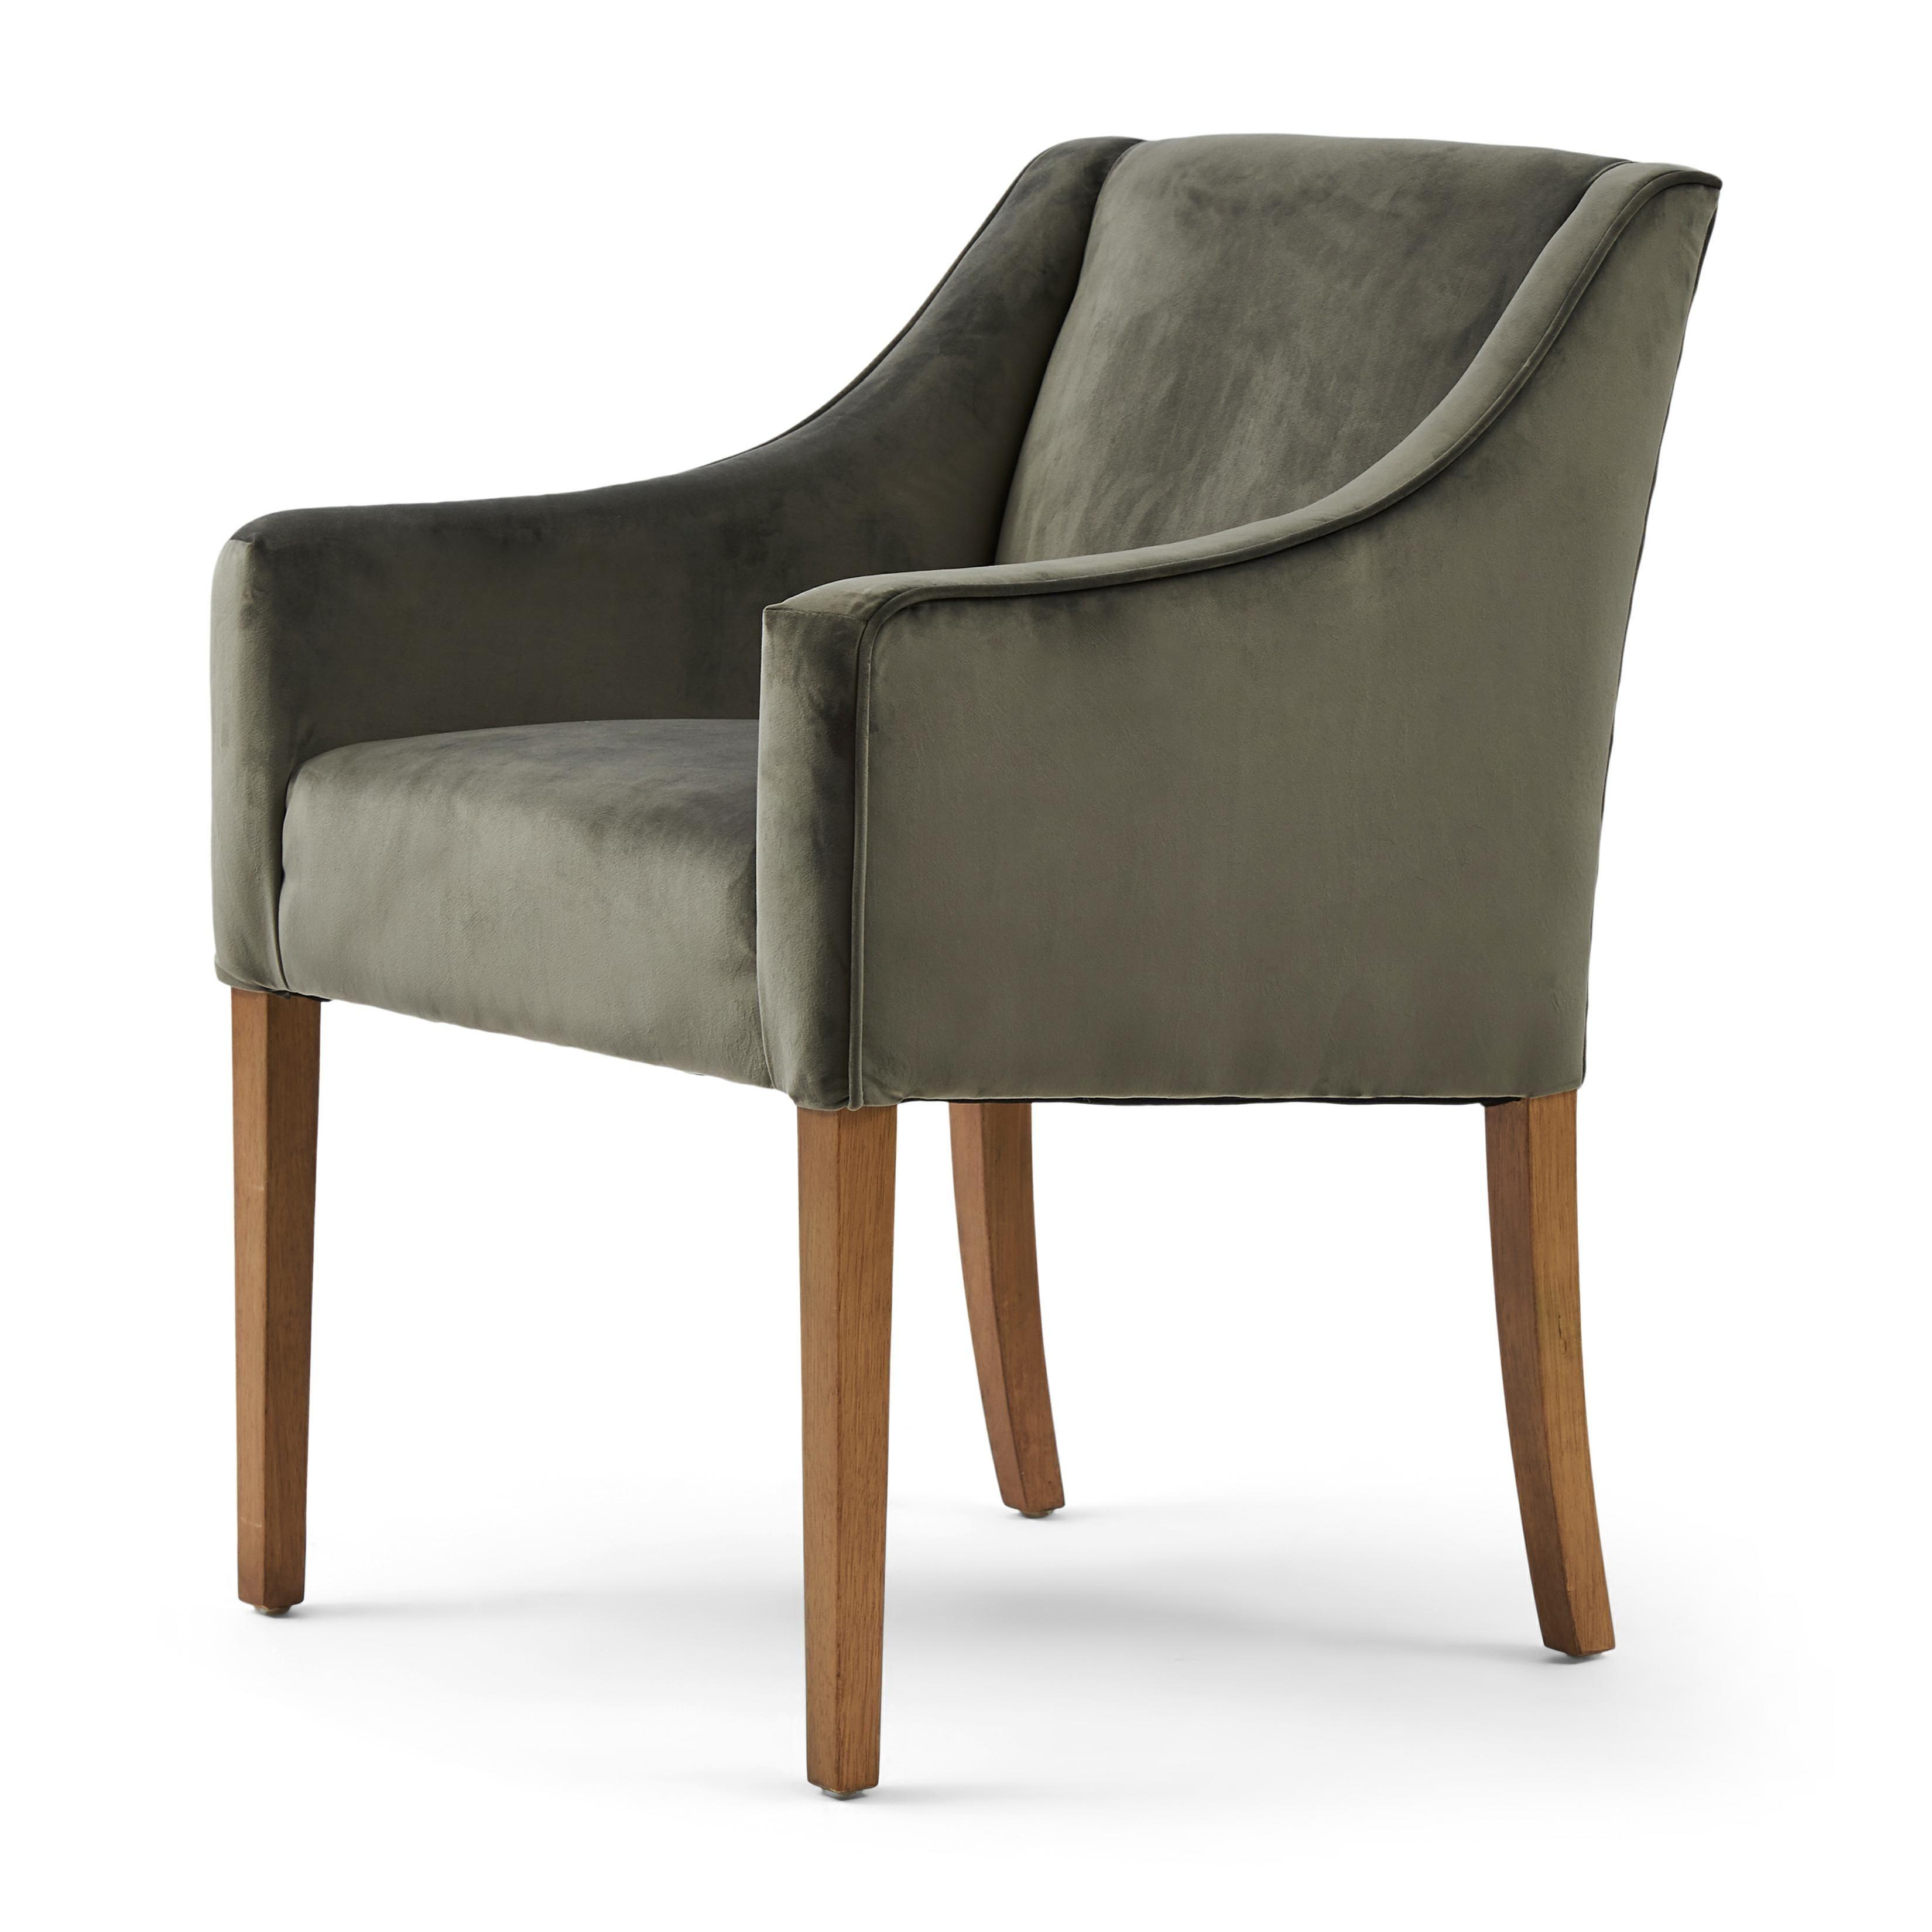 Savile Row Dining Arm Chair velvet slate grey / Rivièra Maison